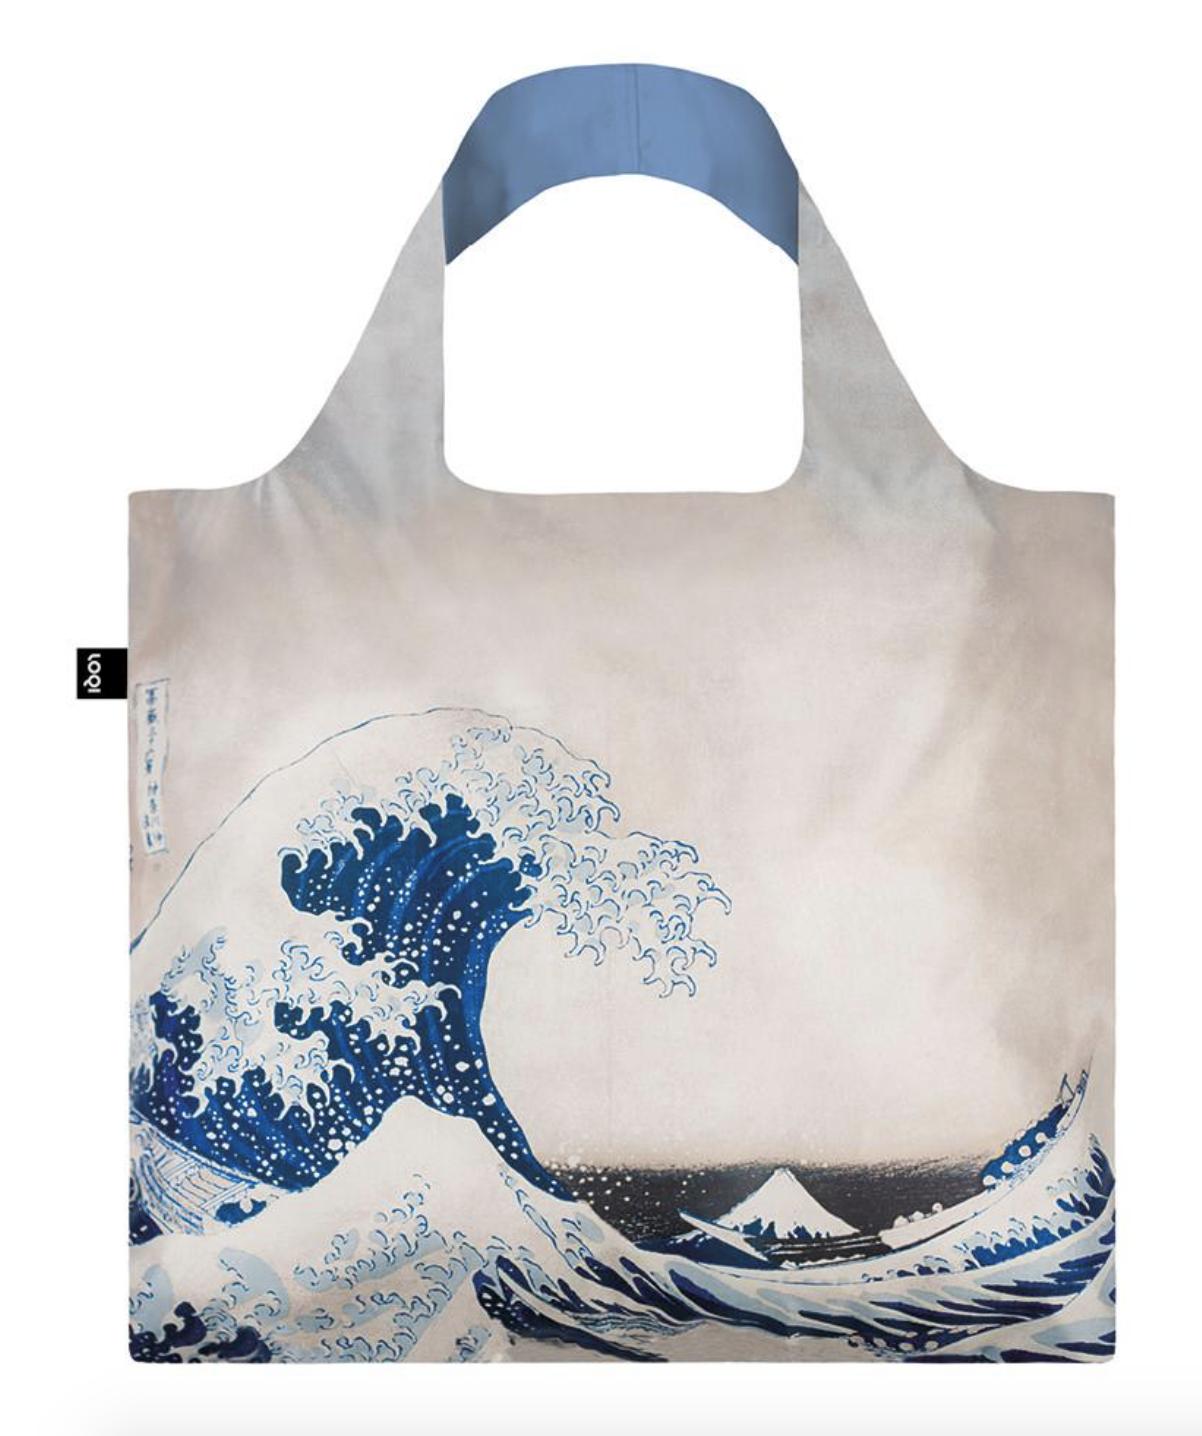 Sam Flax Orlando LOQI Wave Bag